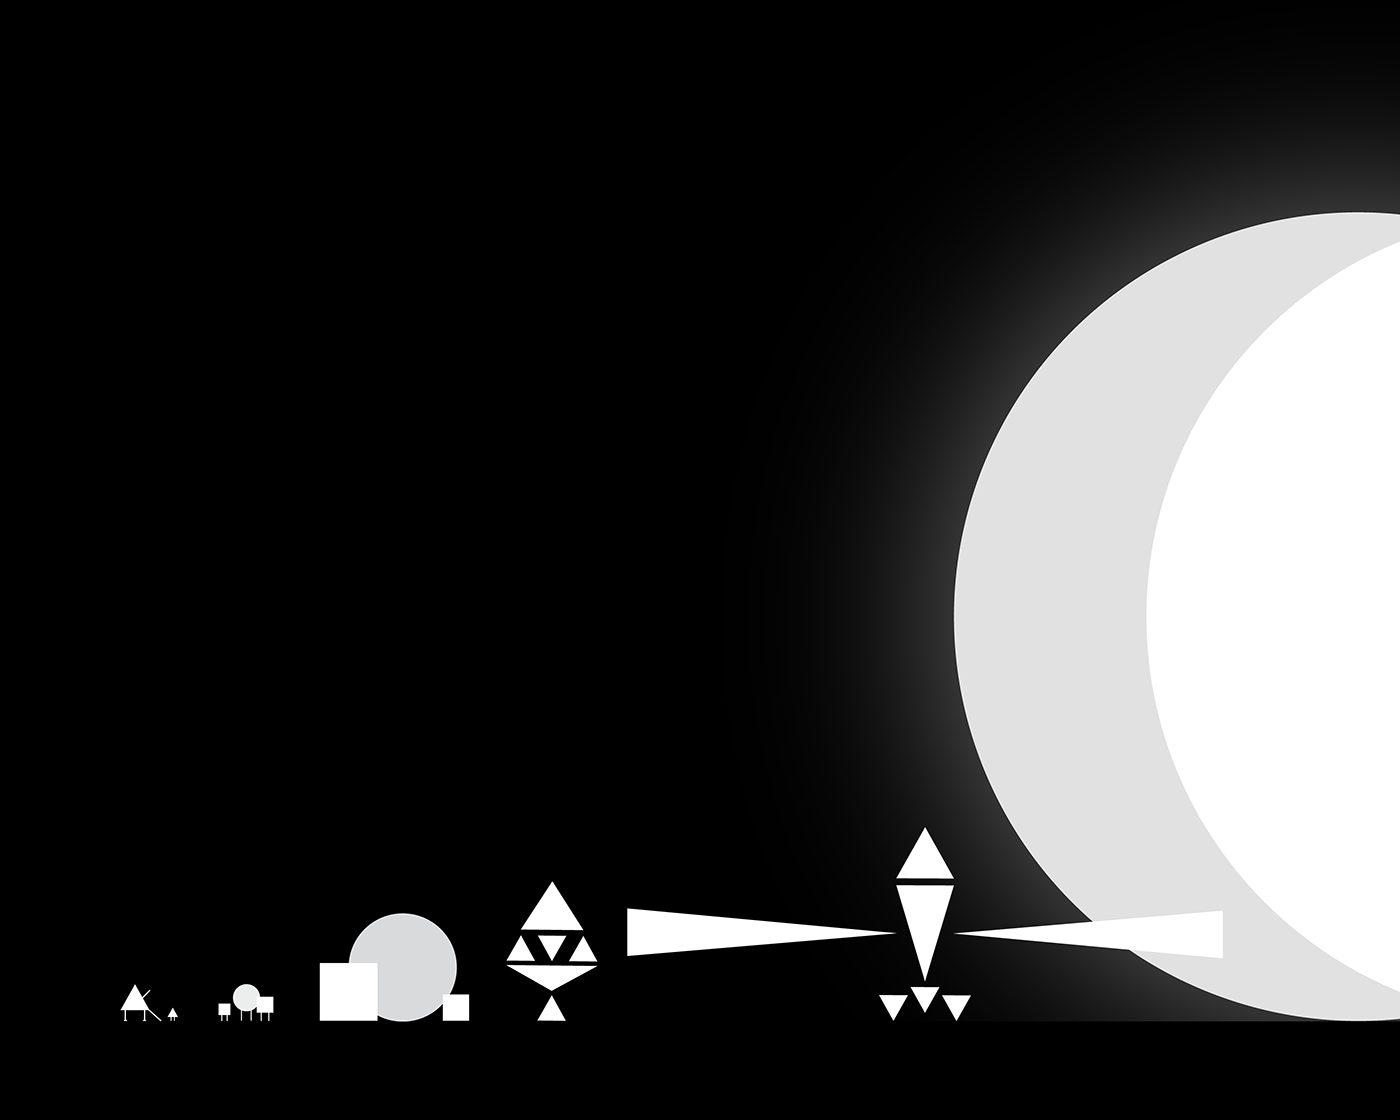 An Interstellar Discovery Journey, un viaje minimalista hacia las estrellas